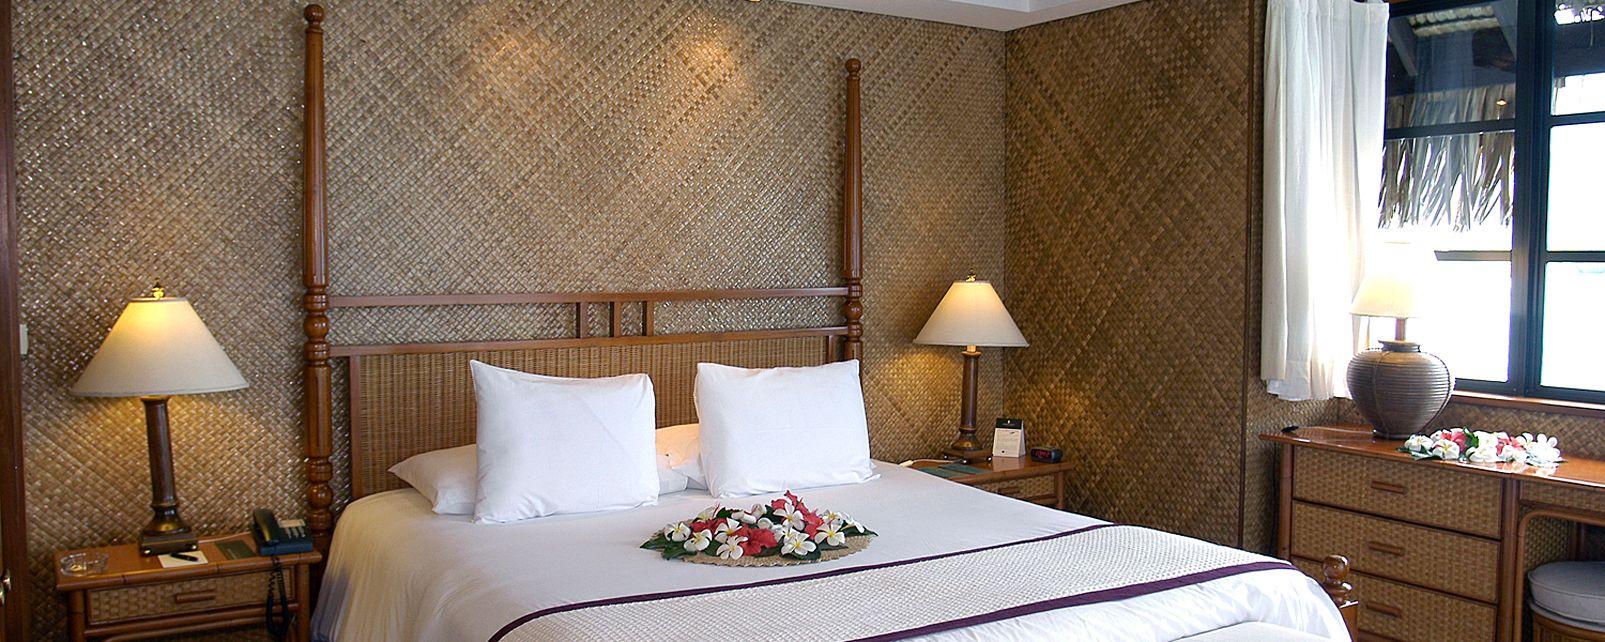 Hôtel Intercontinental Resort Tahiti